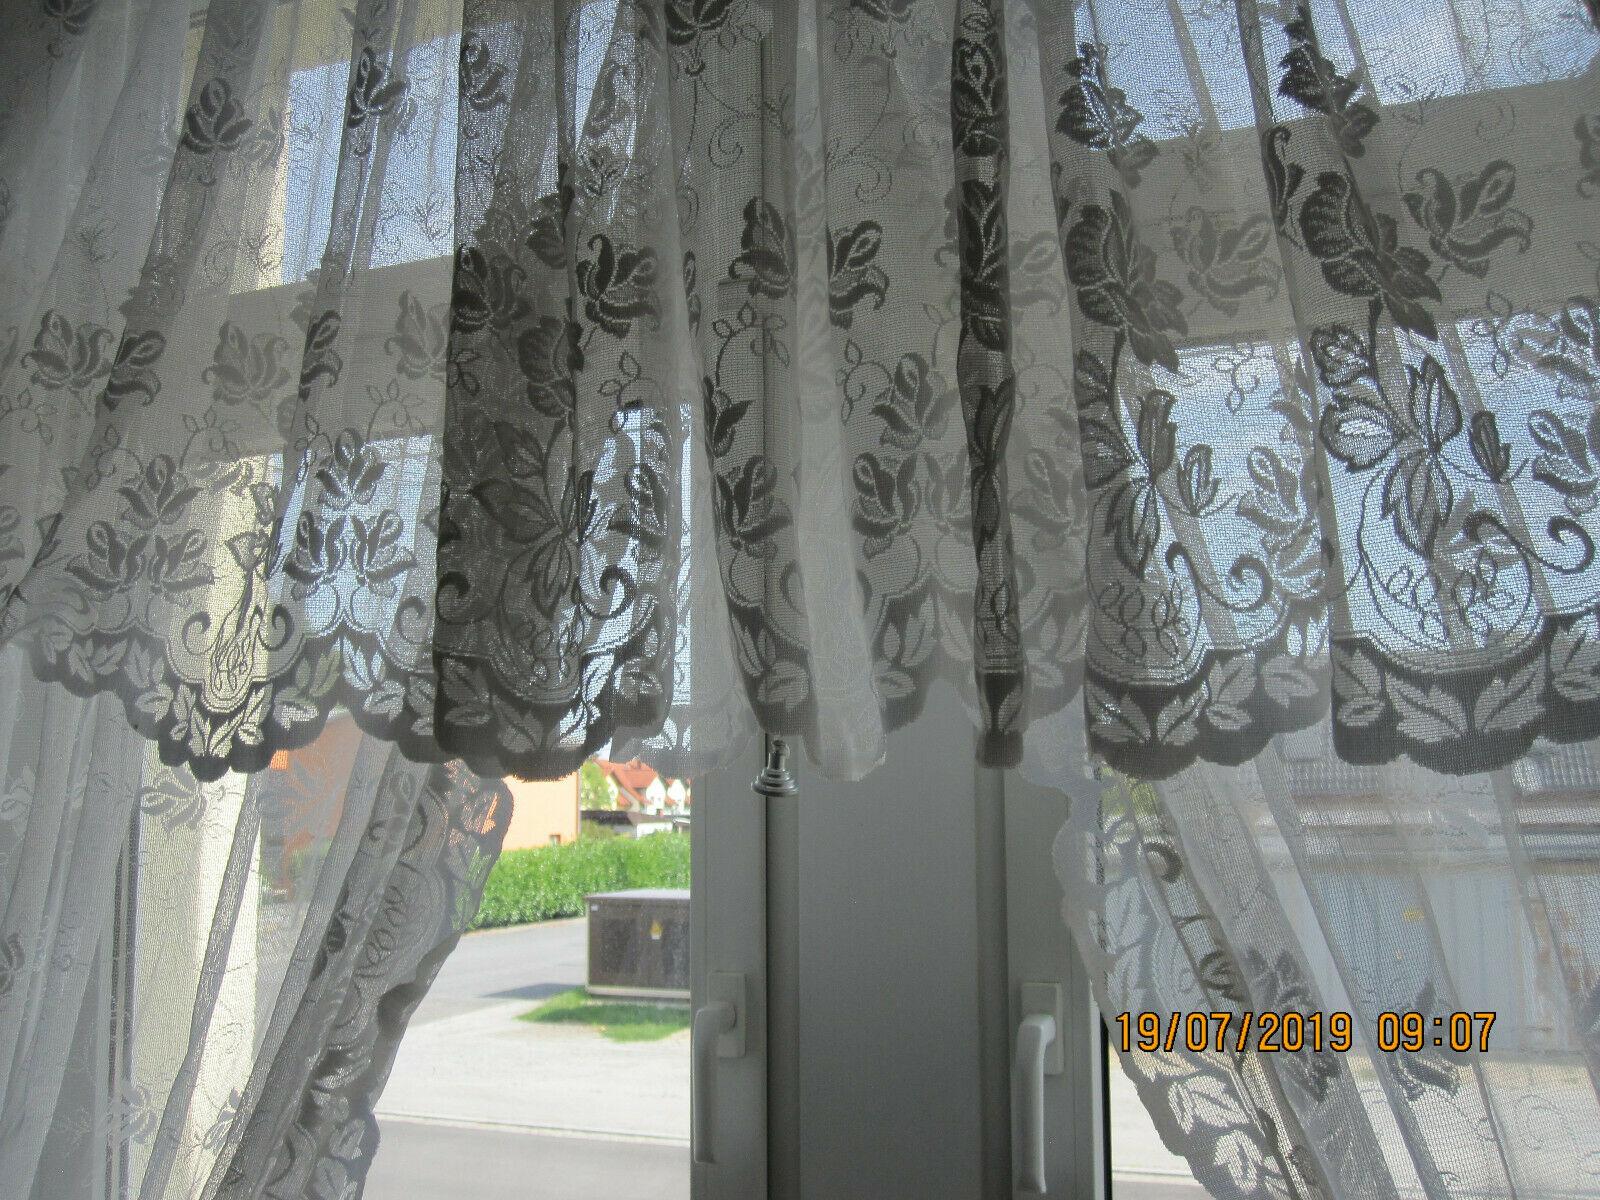 Full Size of Gardinen Doppelfenster Groe 3 Teilige Gardine Fr Ein Ca 2 Für Wohnzimmer Küche Fenster Scheibengardinen Schlafzimmer Die Wohnzimmer Gardinen Doppelfenster